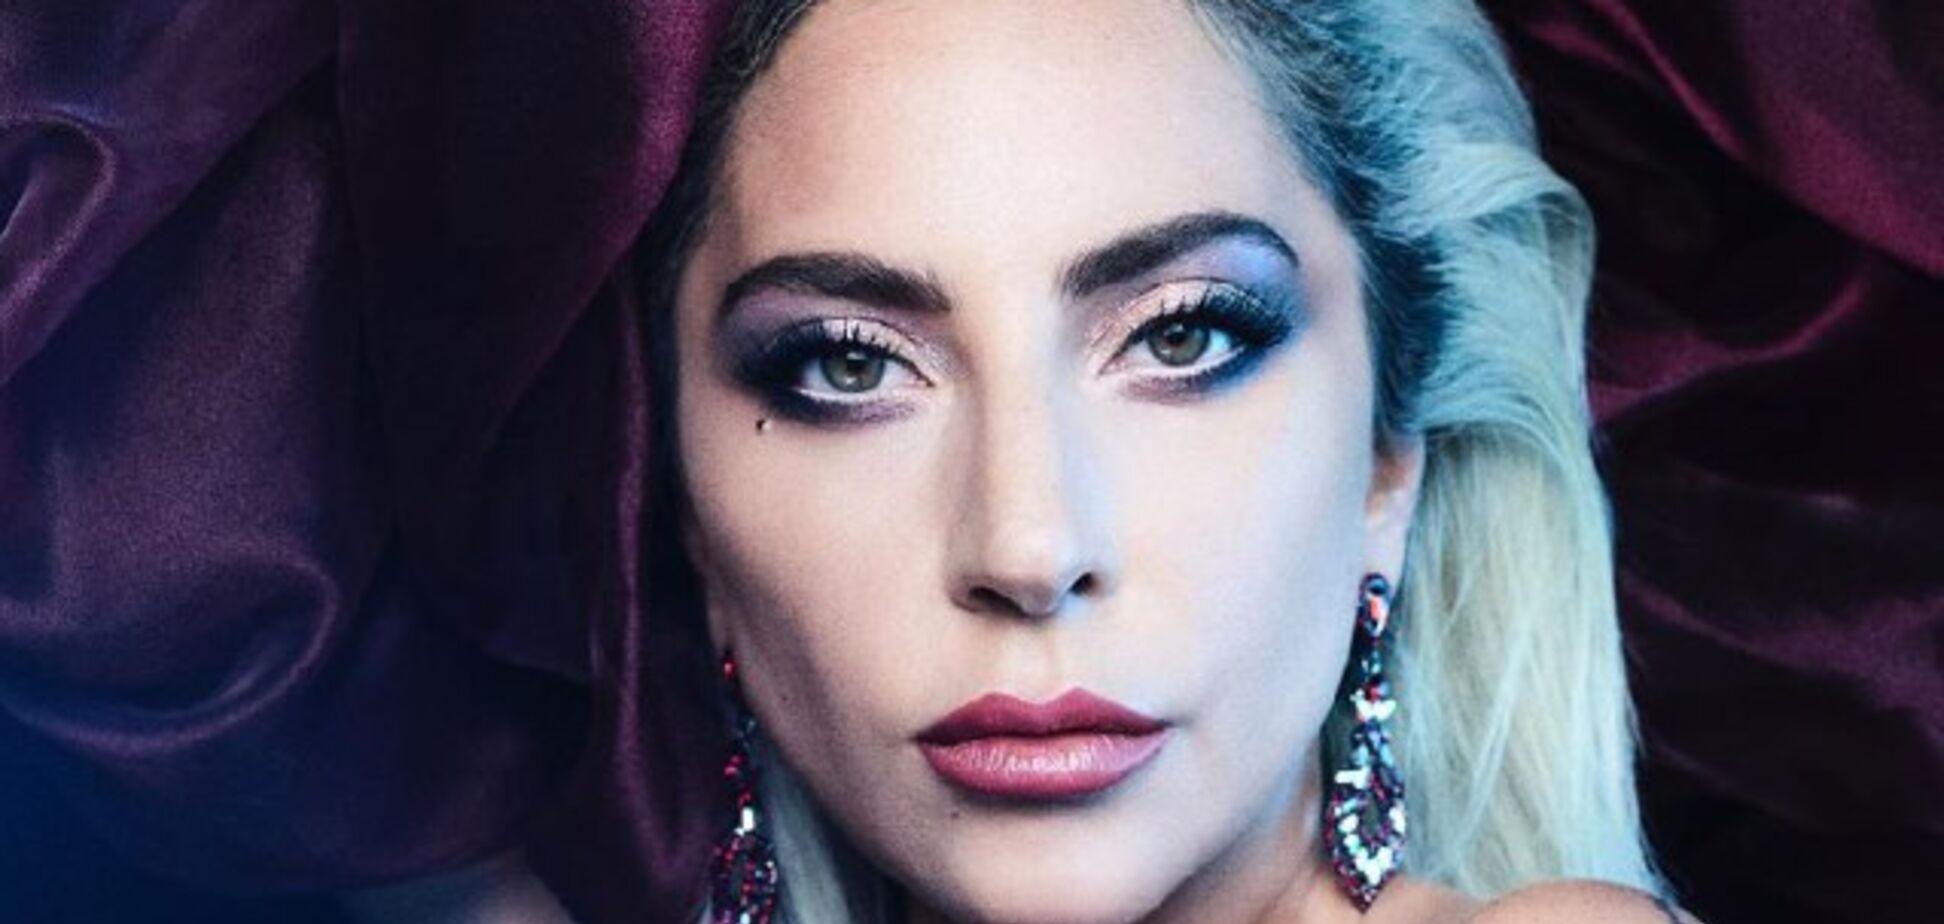 Леді Гага без макіяжу: як 34-річна зірка виглядала до популярності